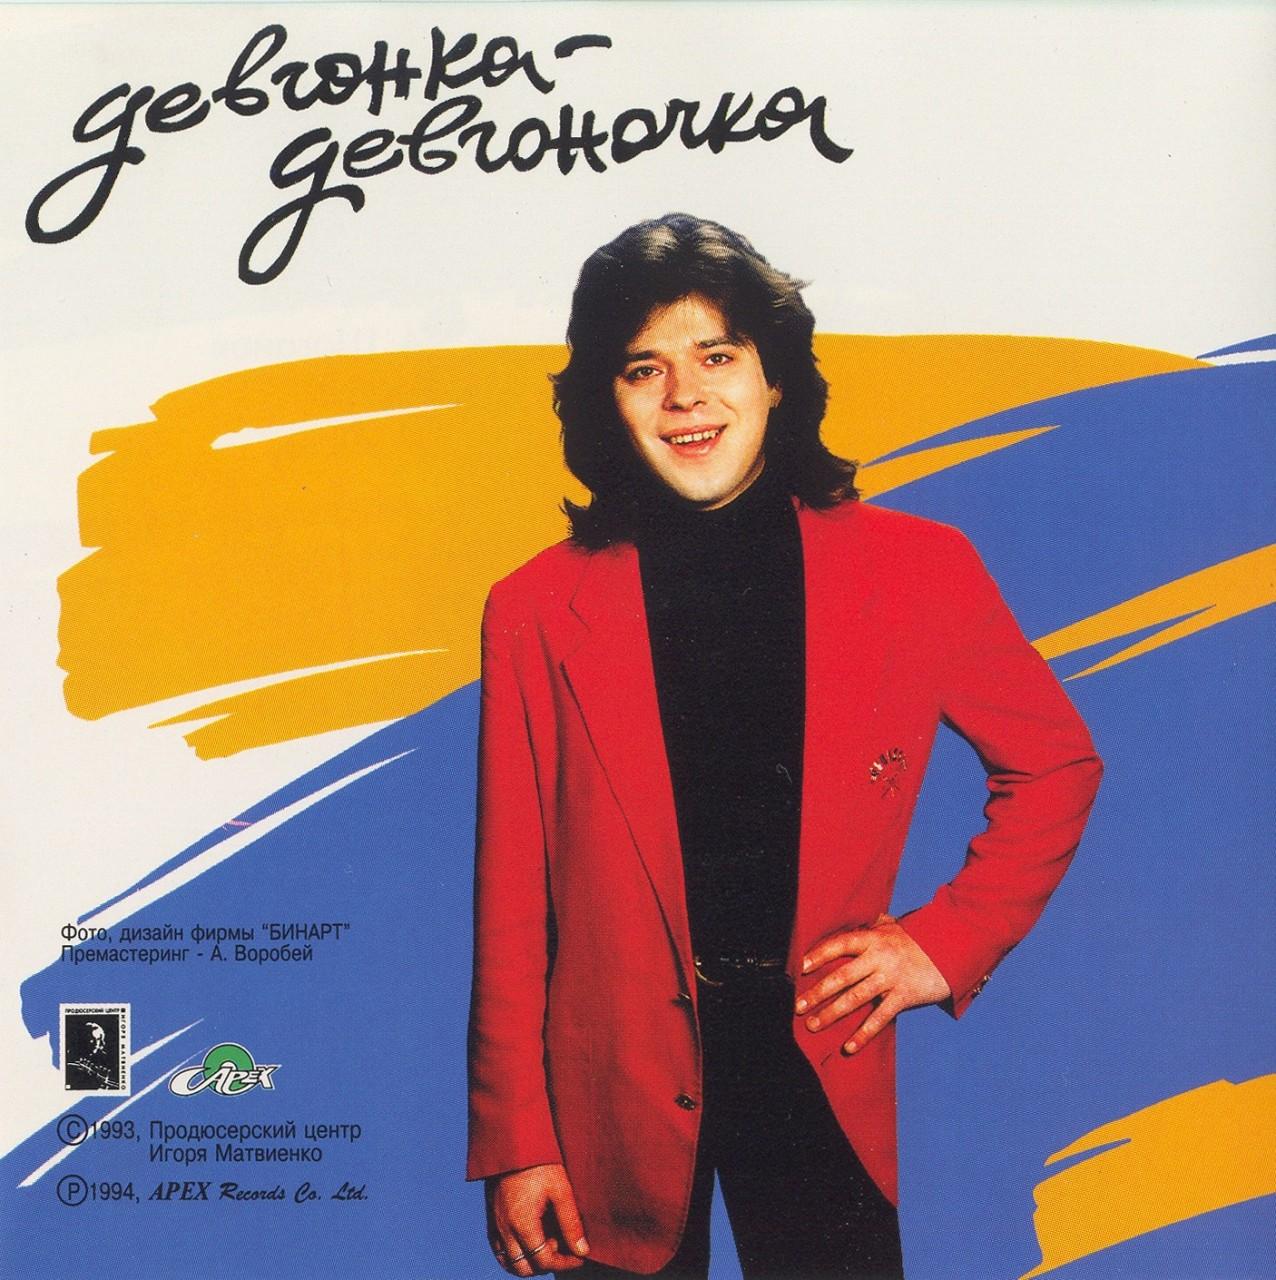 Песня, которую не забыть. Евгений Белоусов — «Девчонка-девчоночка»